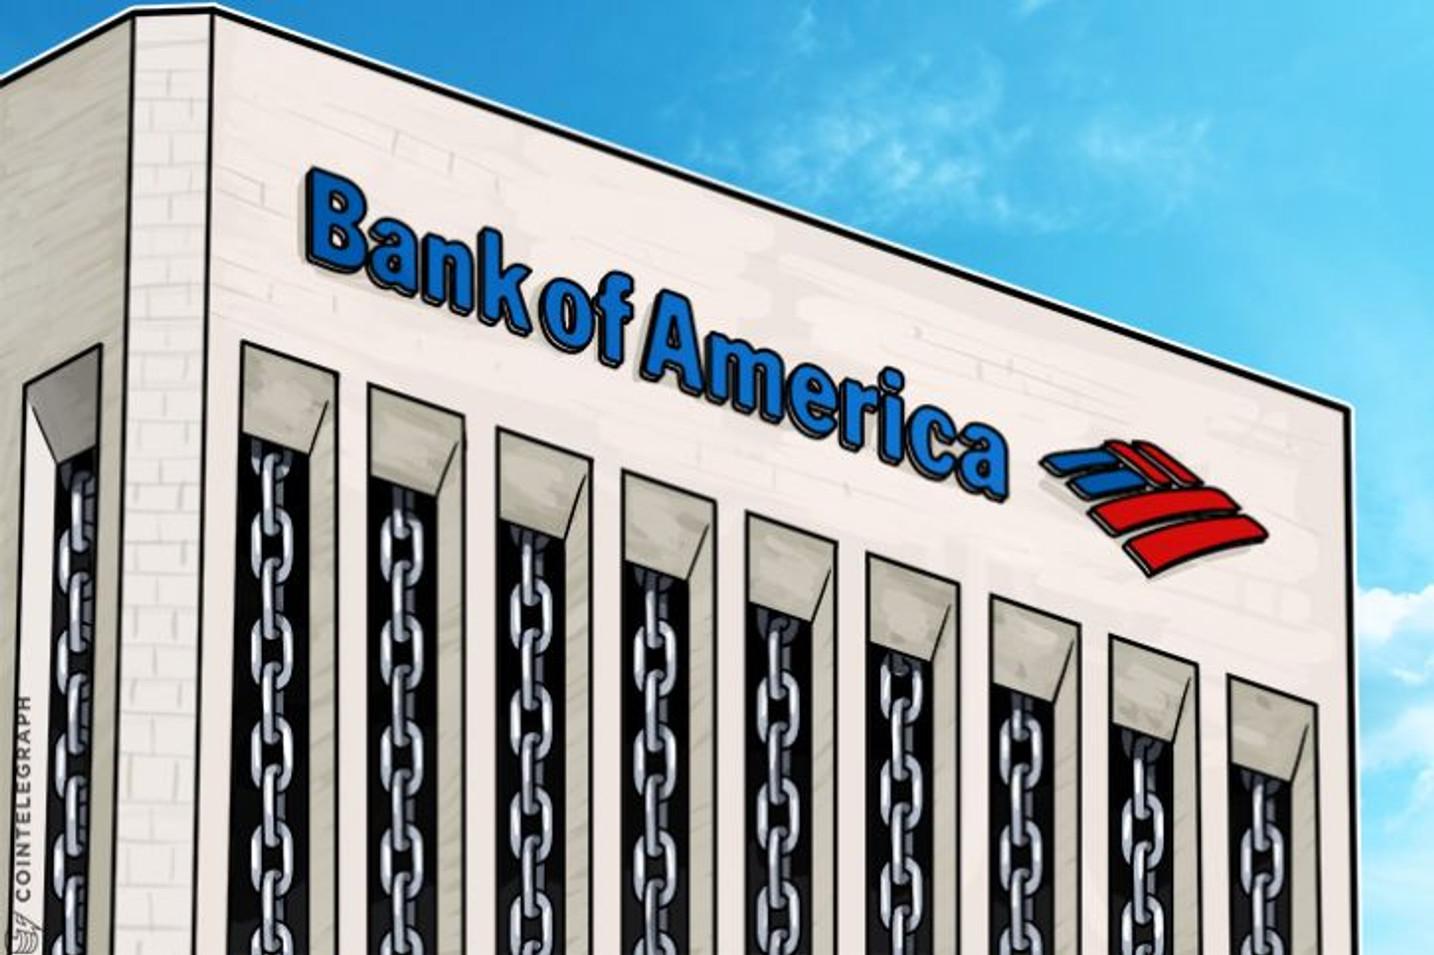 USPTO otorga patente al sistema de intercambio de criptomonedas del Bank of America